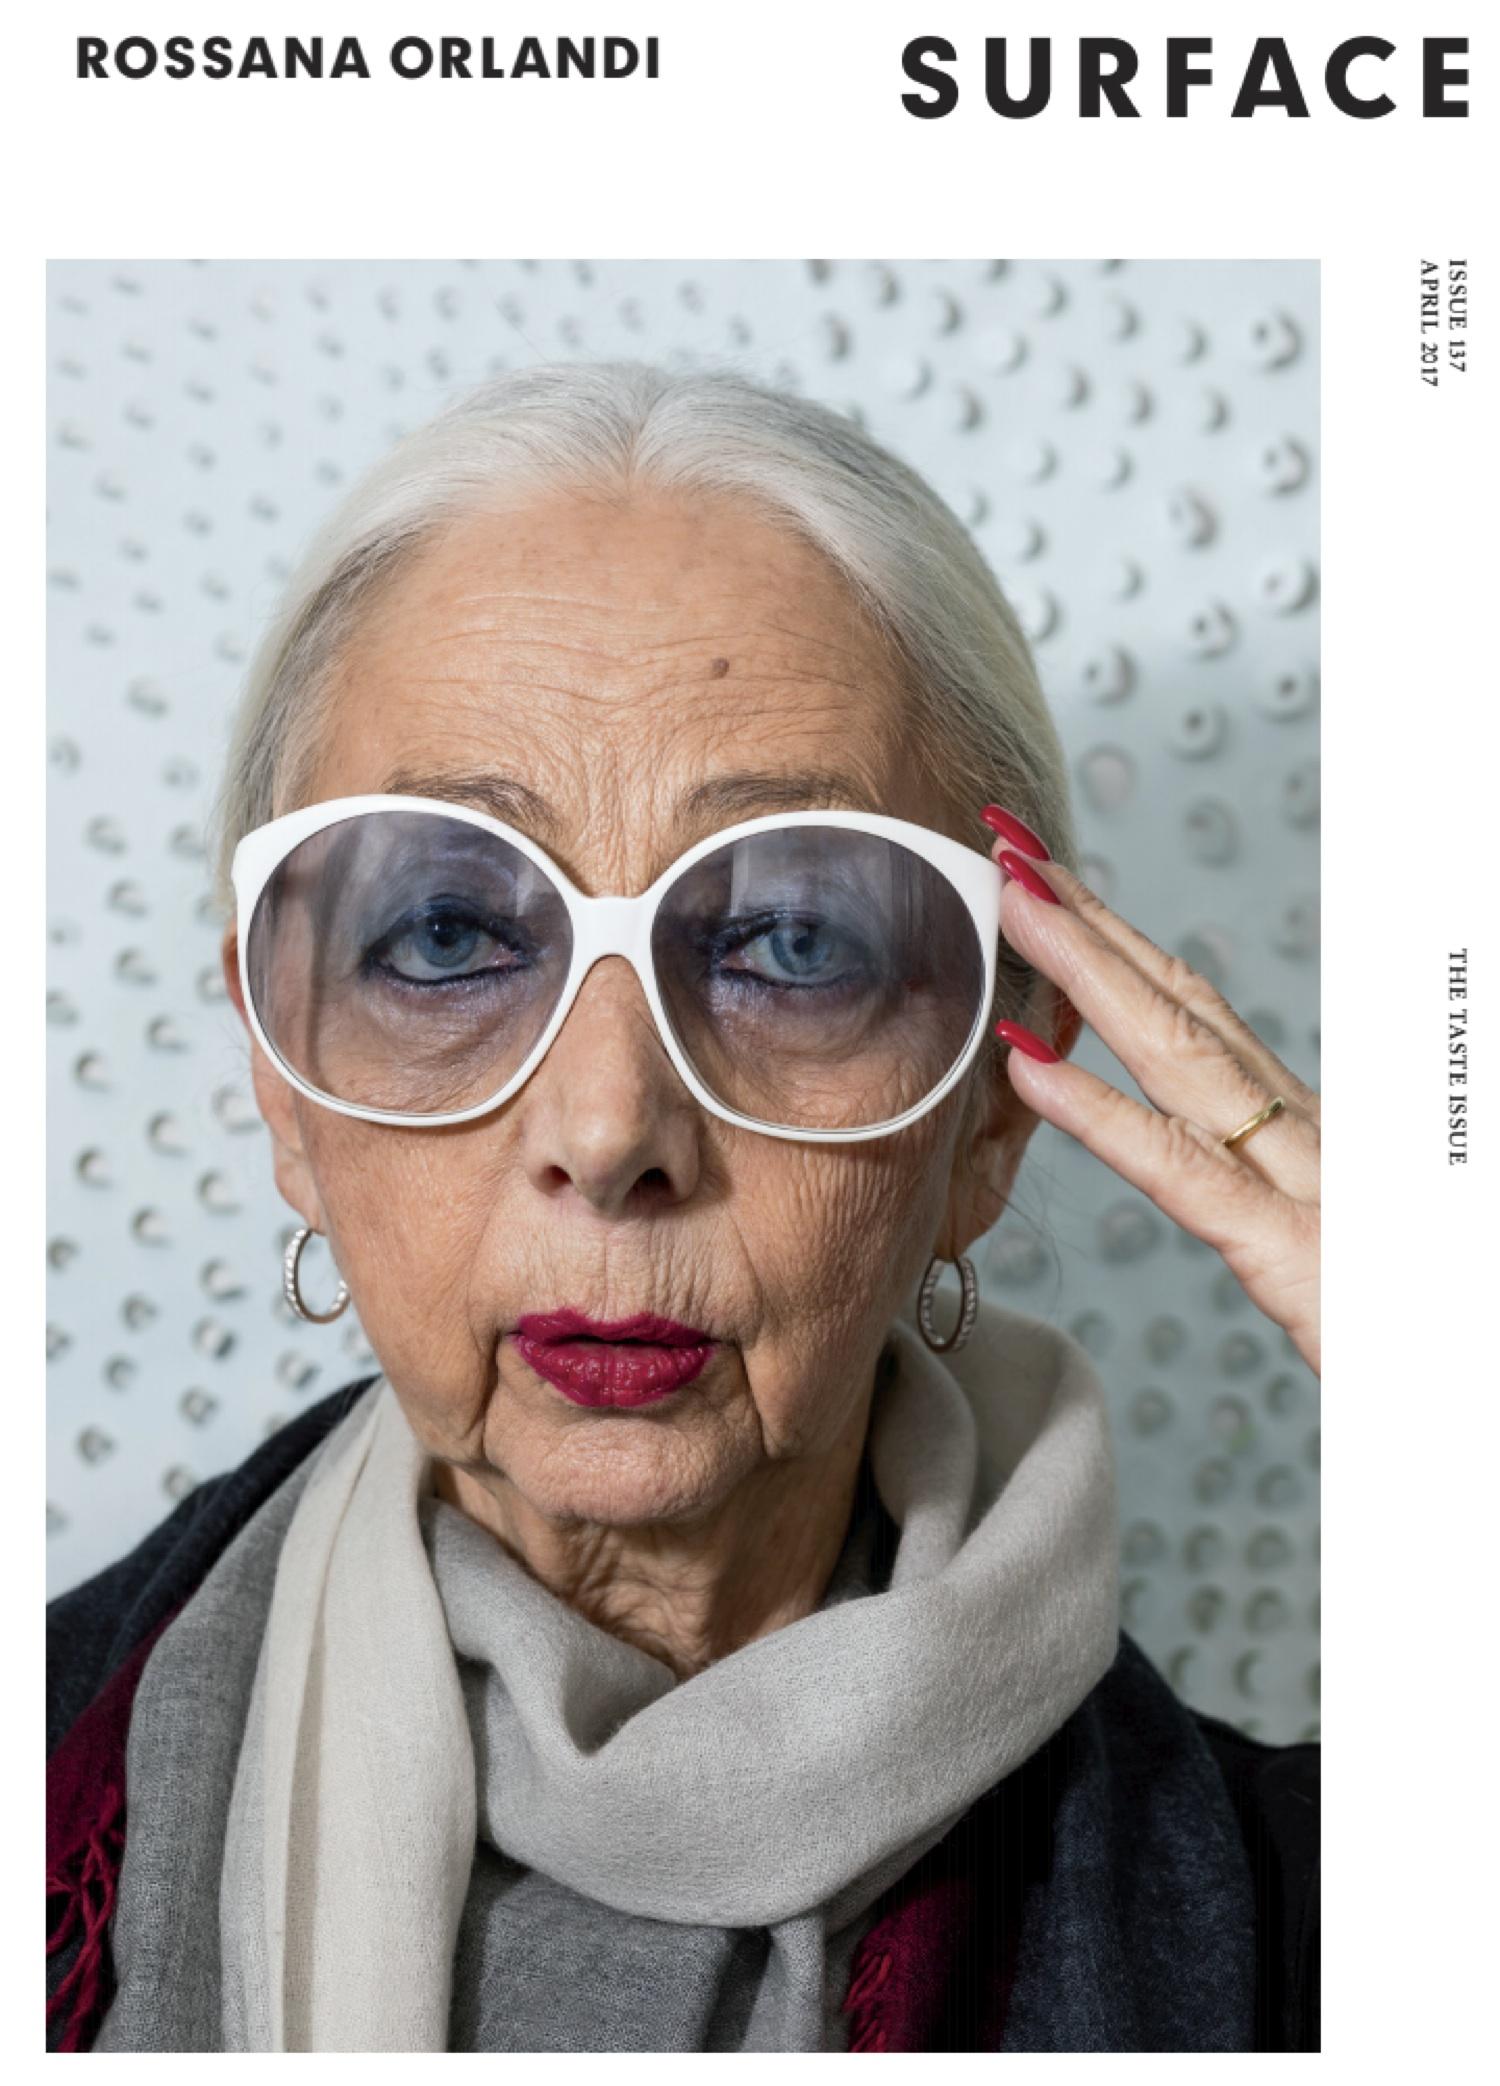 image_surface_magazine_rosanna_orlandi